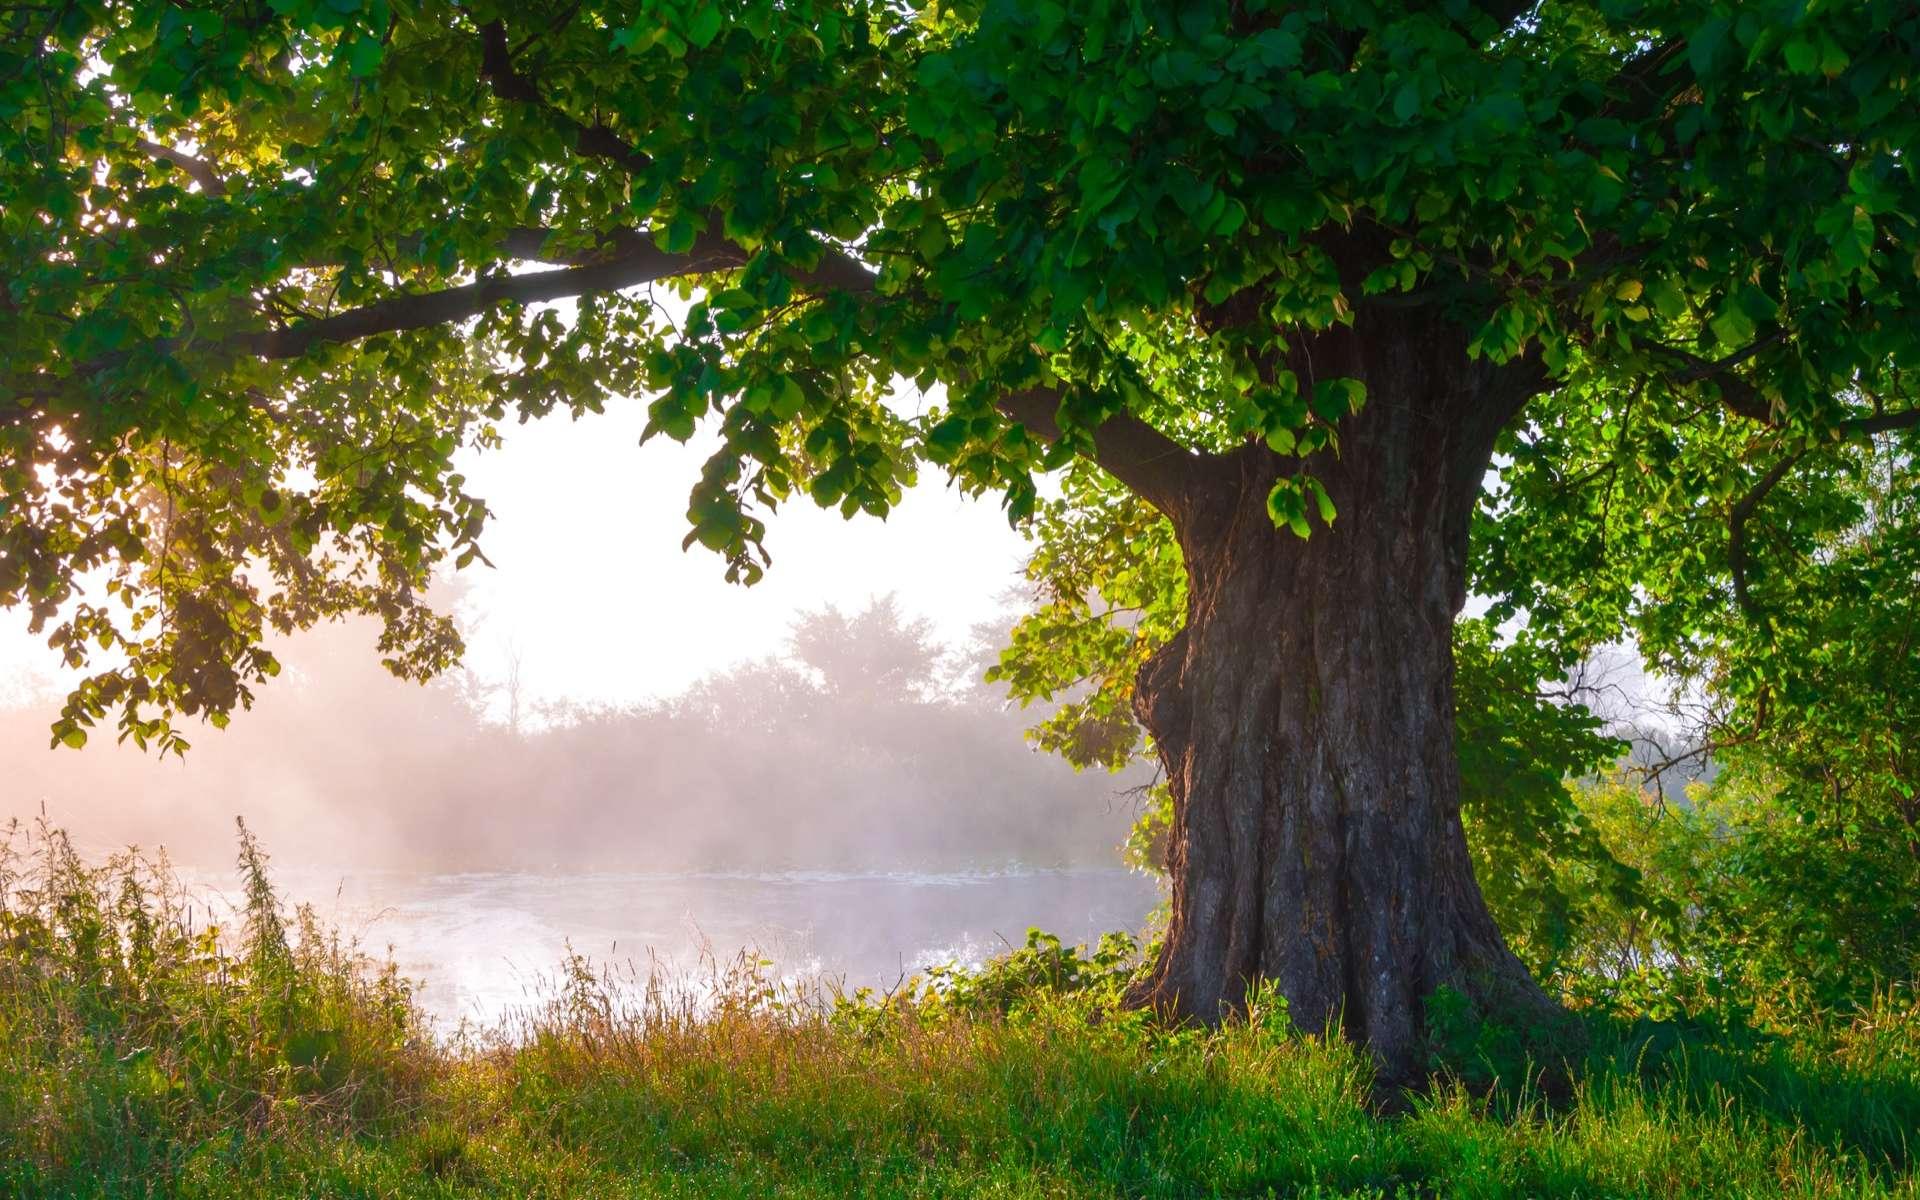 Les animaux pollinisateurs, oiseaux et insectes, fuient les arbres affectés par de la pollution sonore. © DmytroKos, Adobe Stock